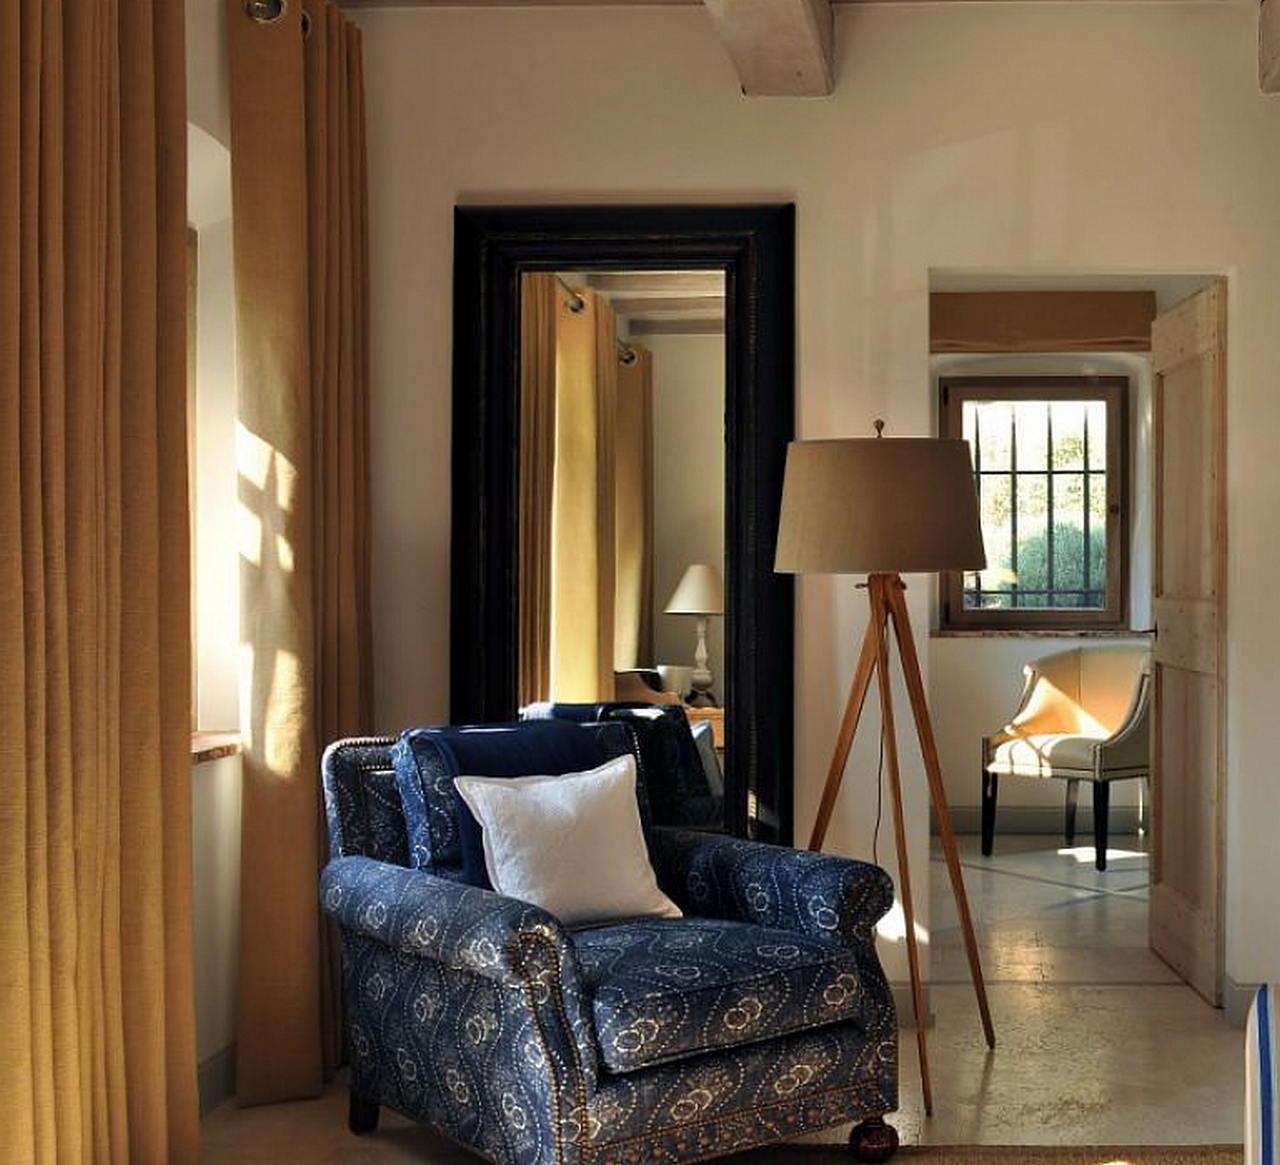 Средиземноморский стиль в интерьере — вилла в Италии 27